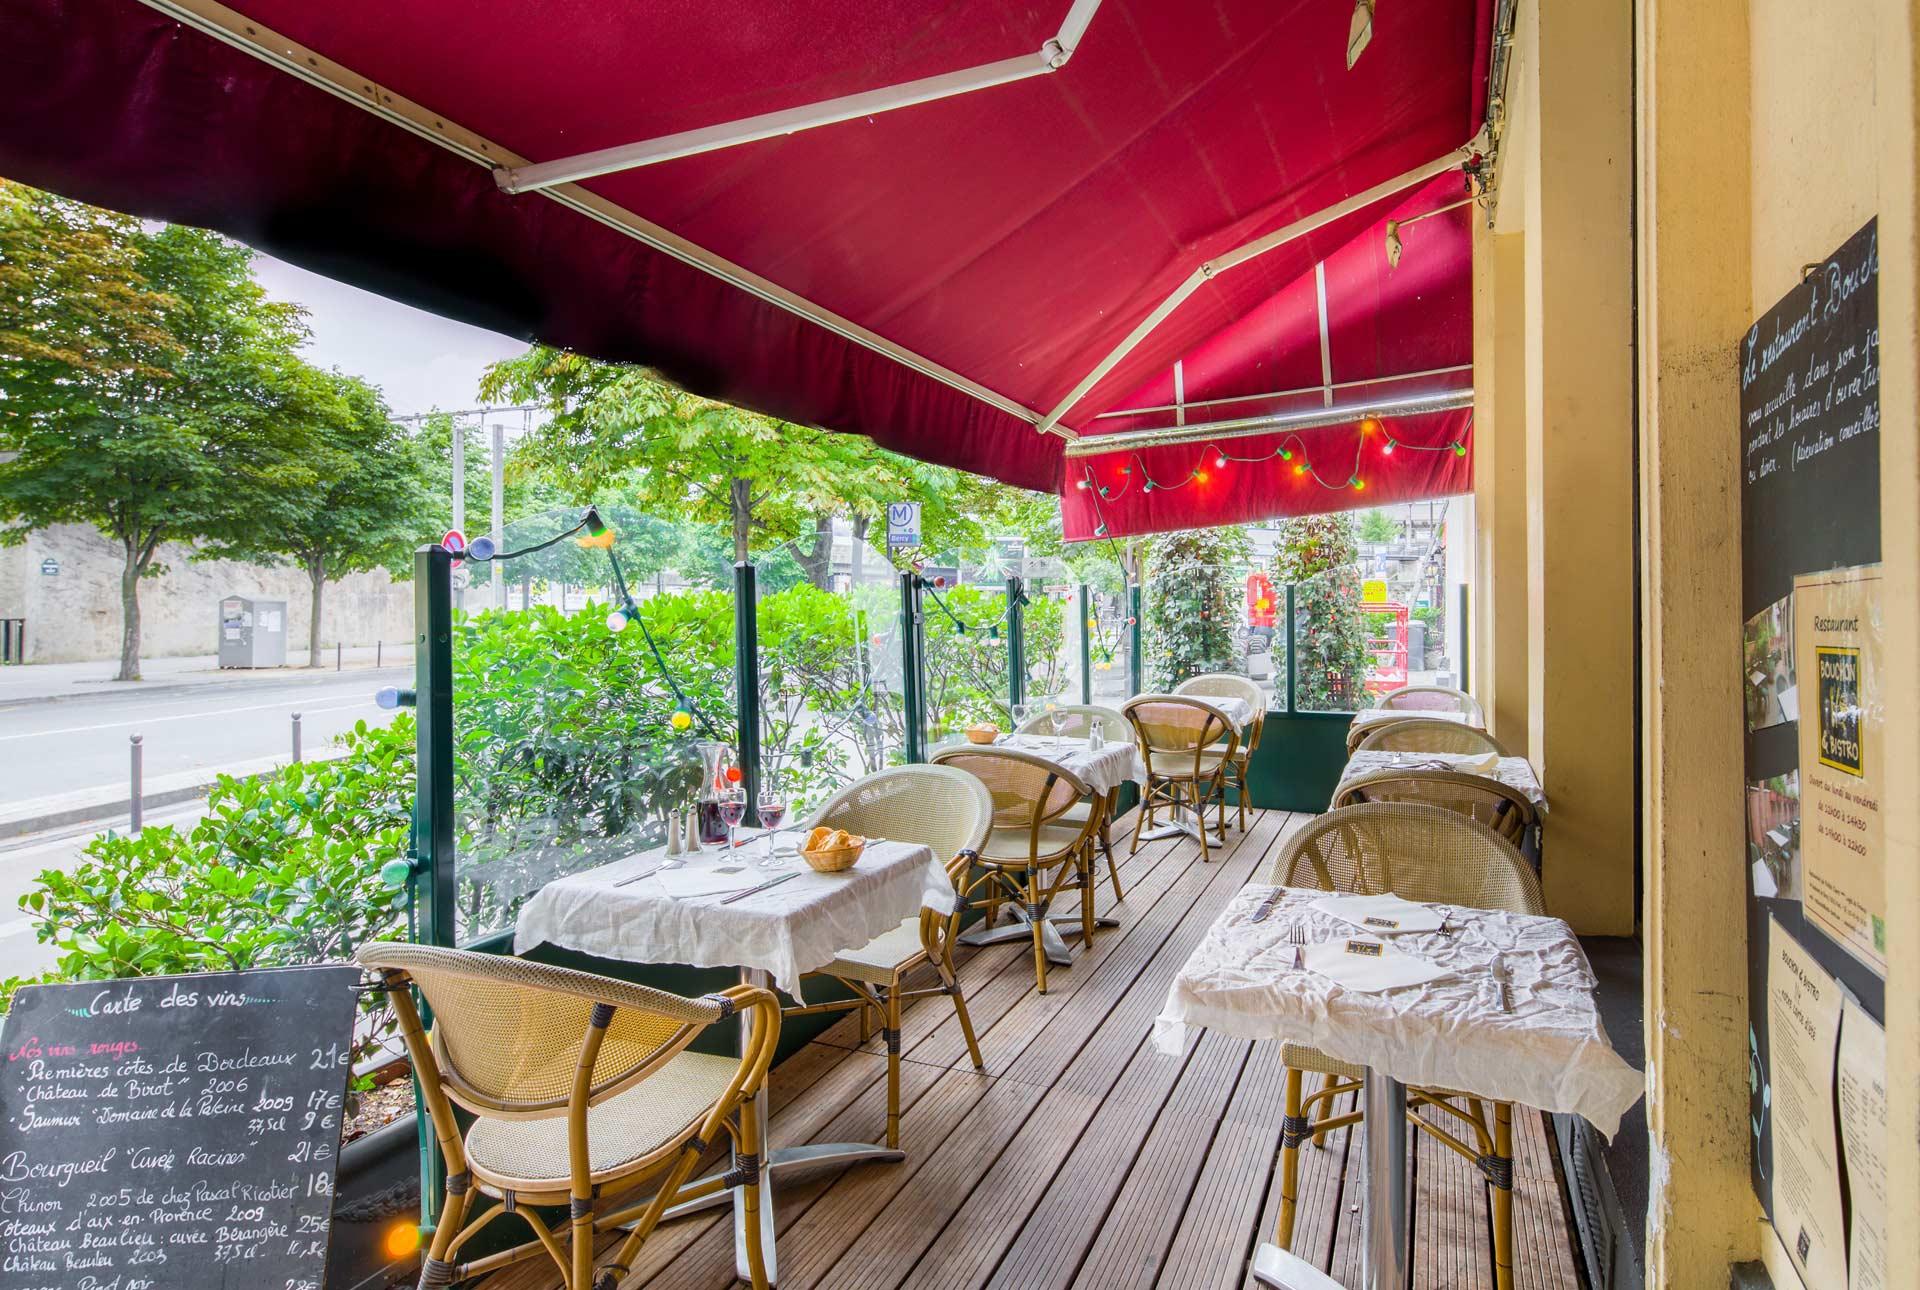 Hotel claret sur h tel paris for Trouver un hotel a paris